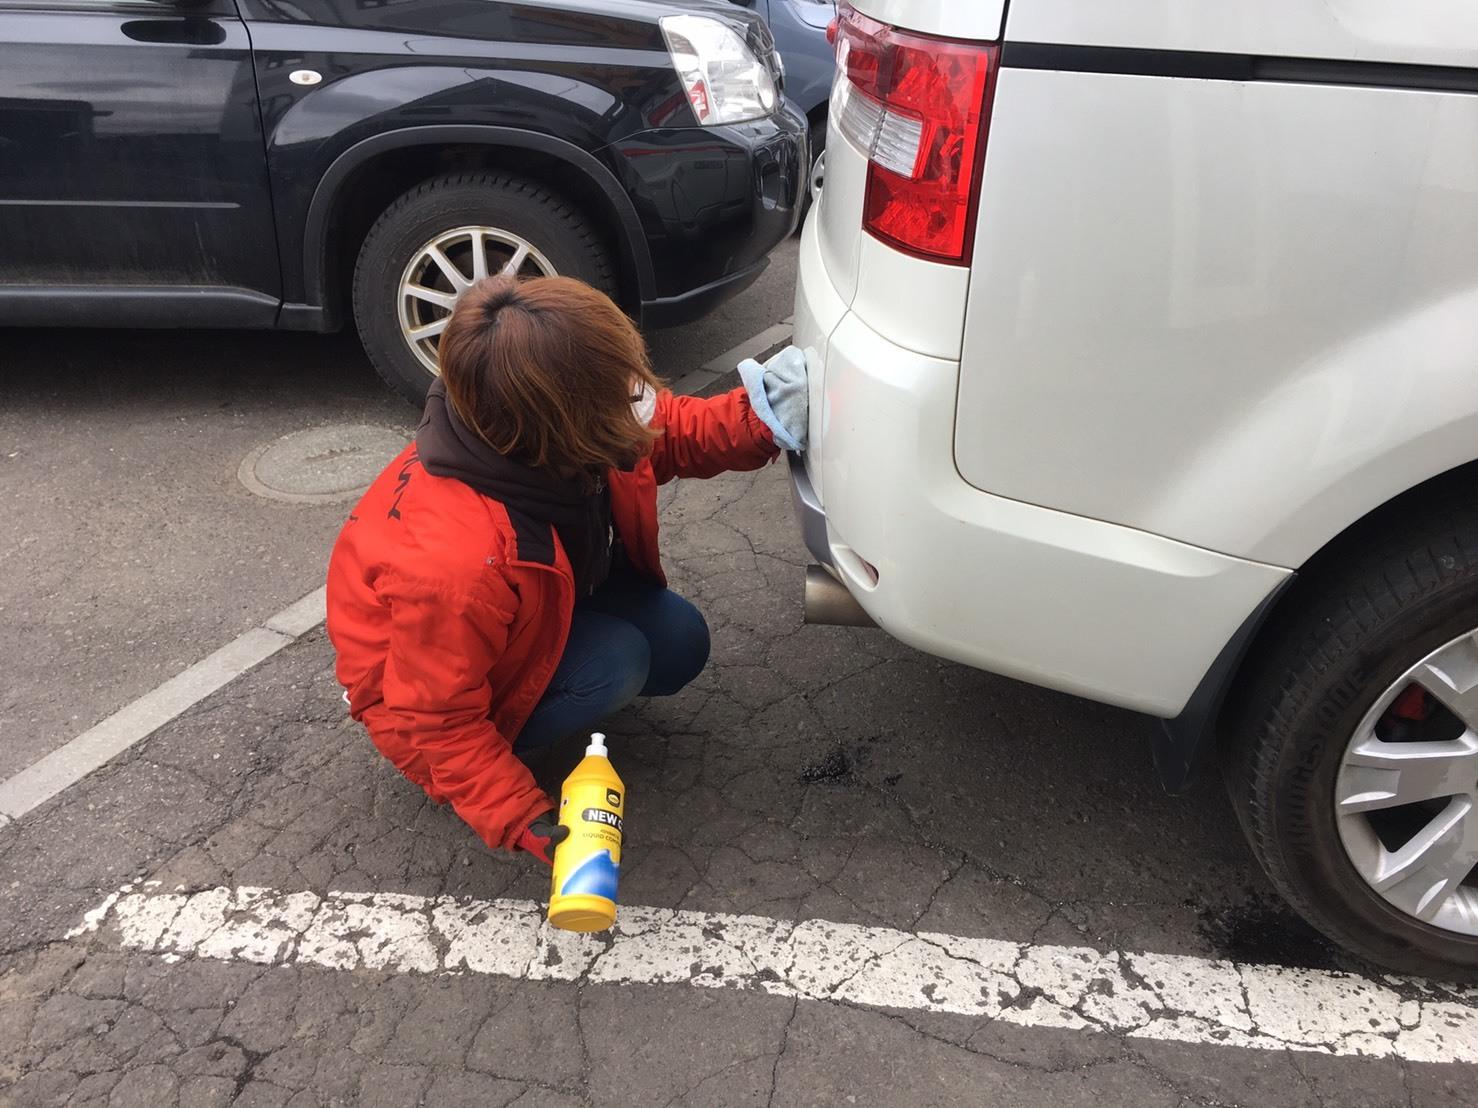 4月26日(金)トミーアウトレット☆あやあゆブログ☆ライフA様・エクストレイルH様納車☆ローンサポート☆_b0127002_17002608.jpg